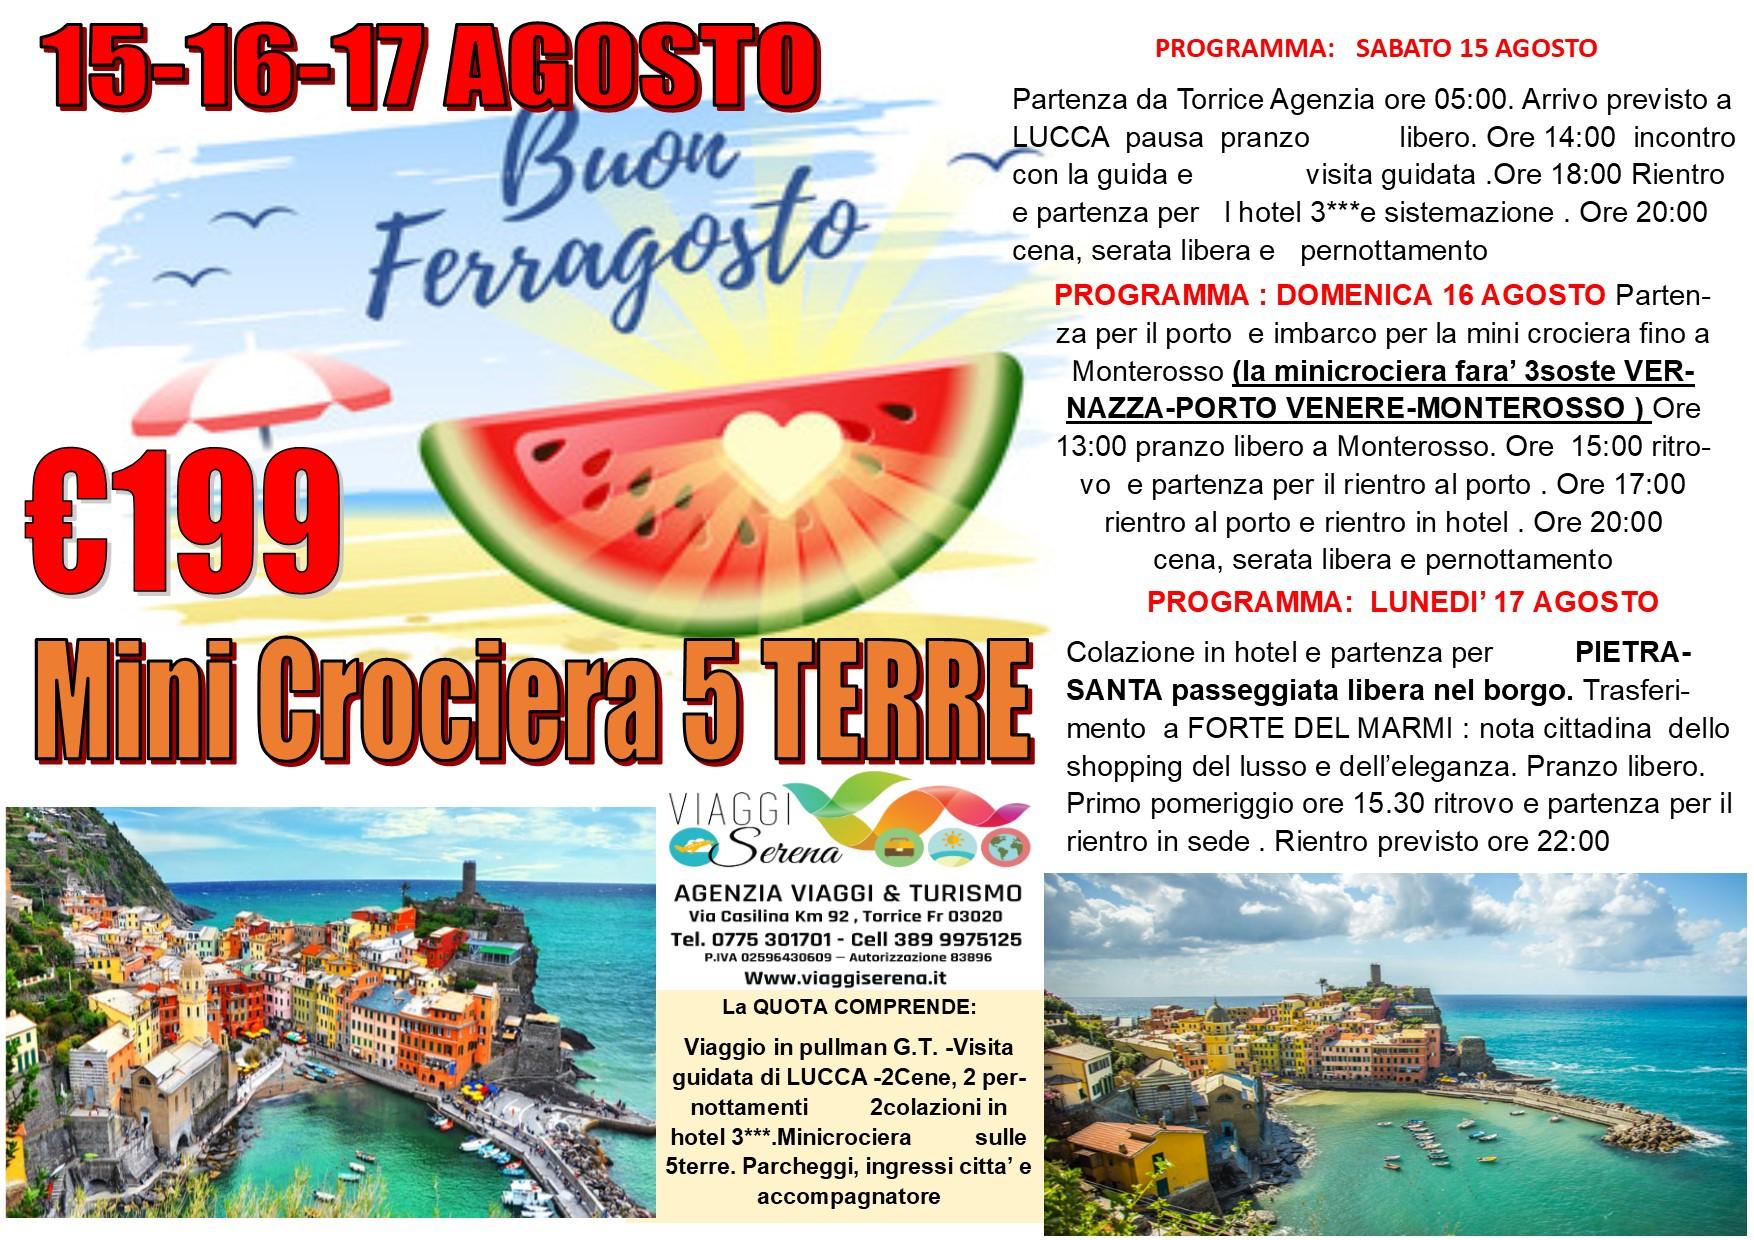 """Viaggi di Gruppo: MINI CROCIERA """"Cinque Terre """" con Lucca e Forte di Marmi 15-16-17 Agosto € 199,00"""